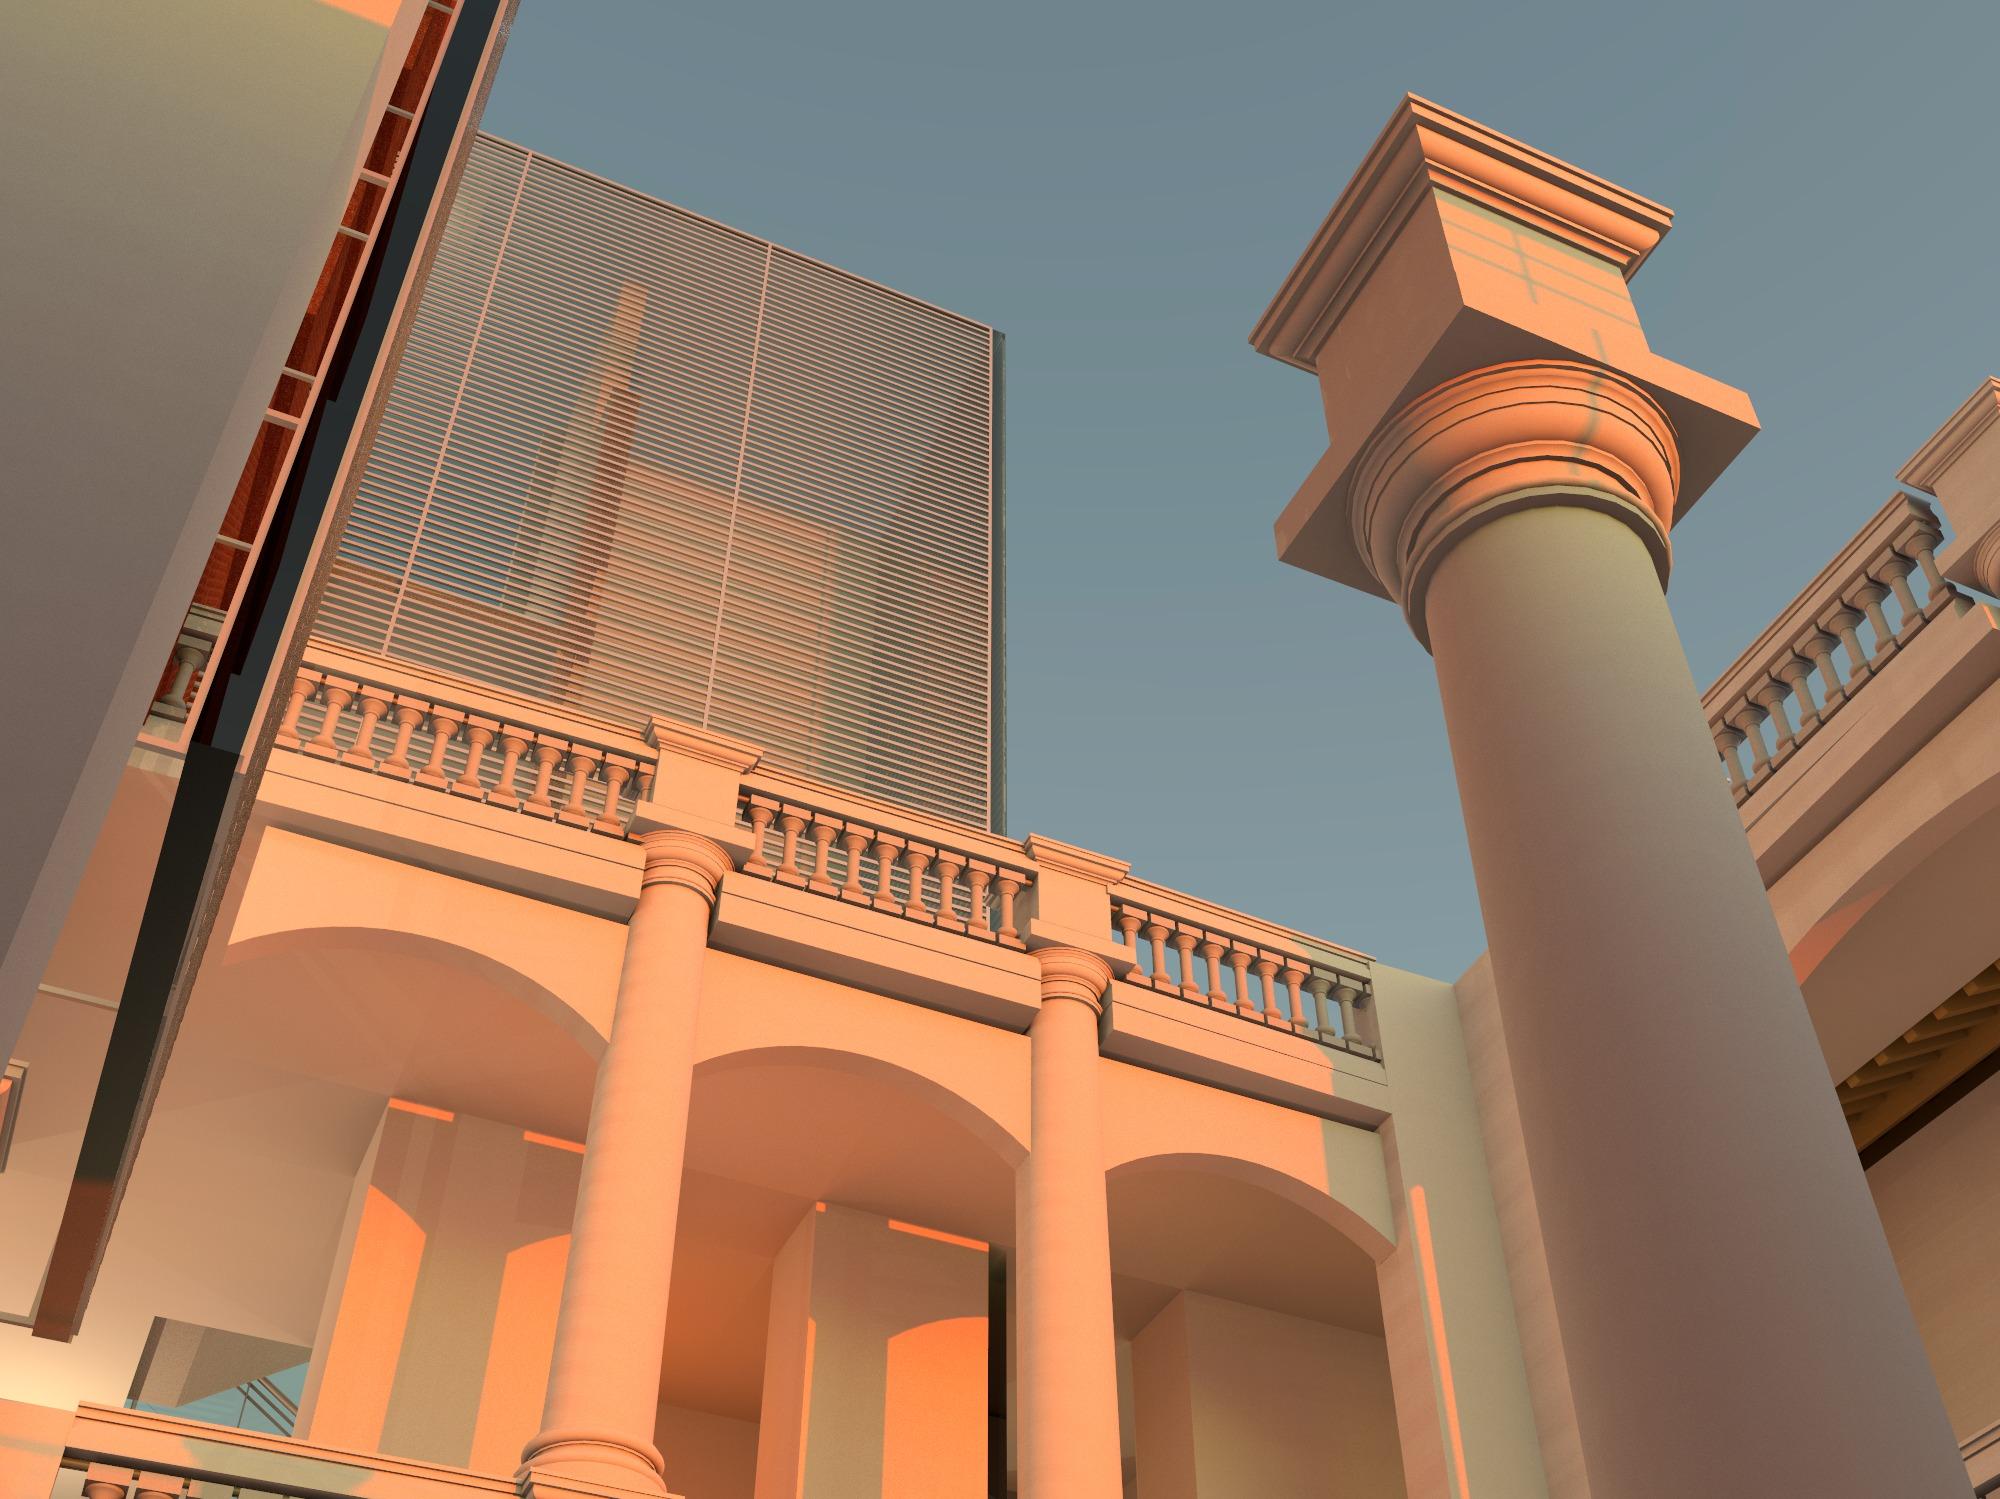 Raas-rendering20140930-32002-1oyrd9t